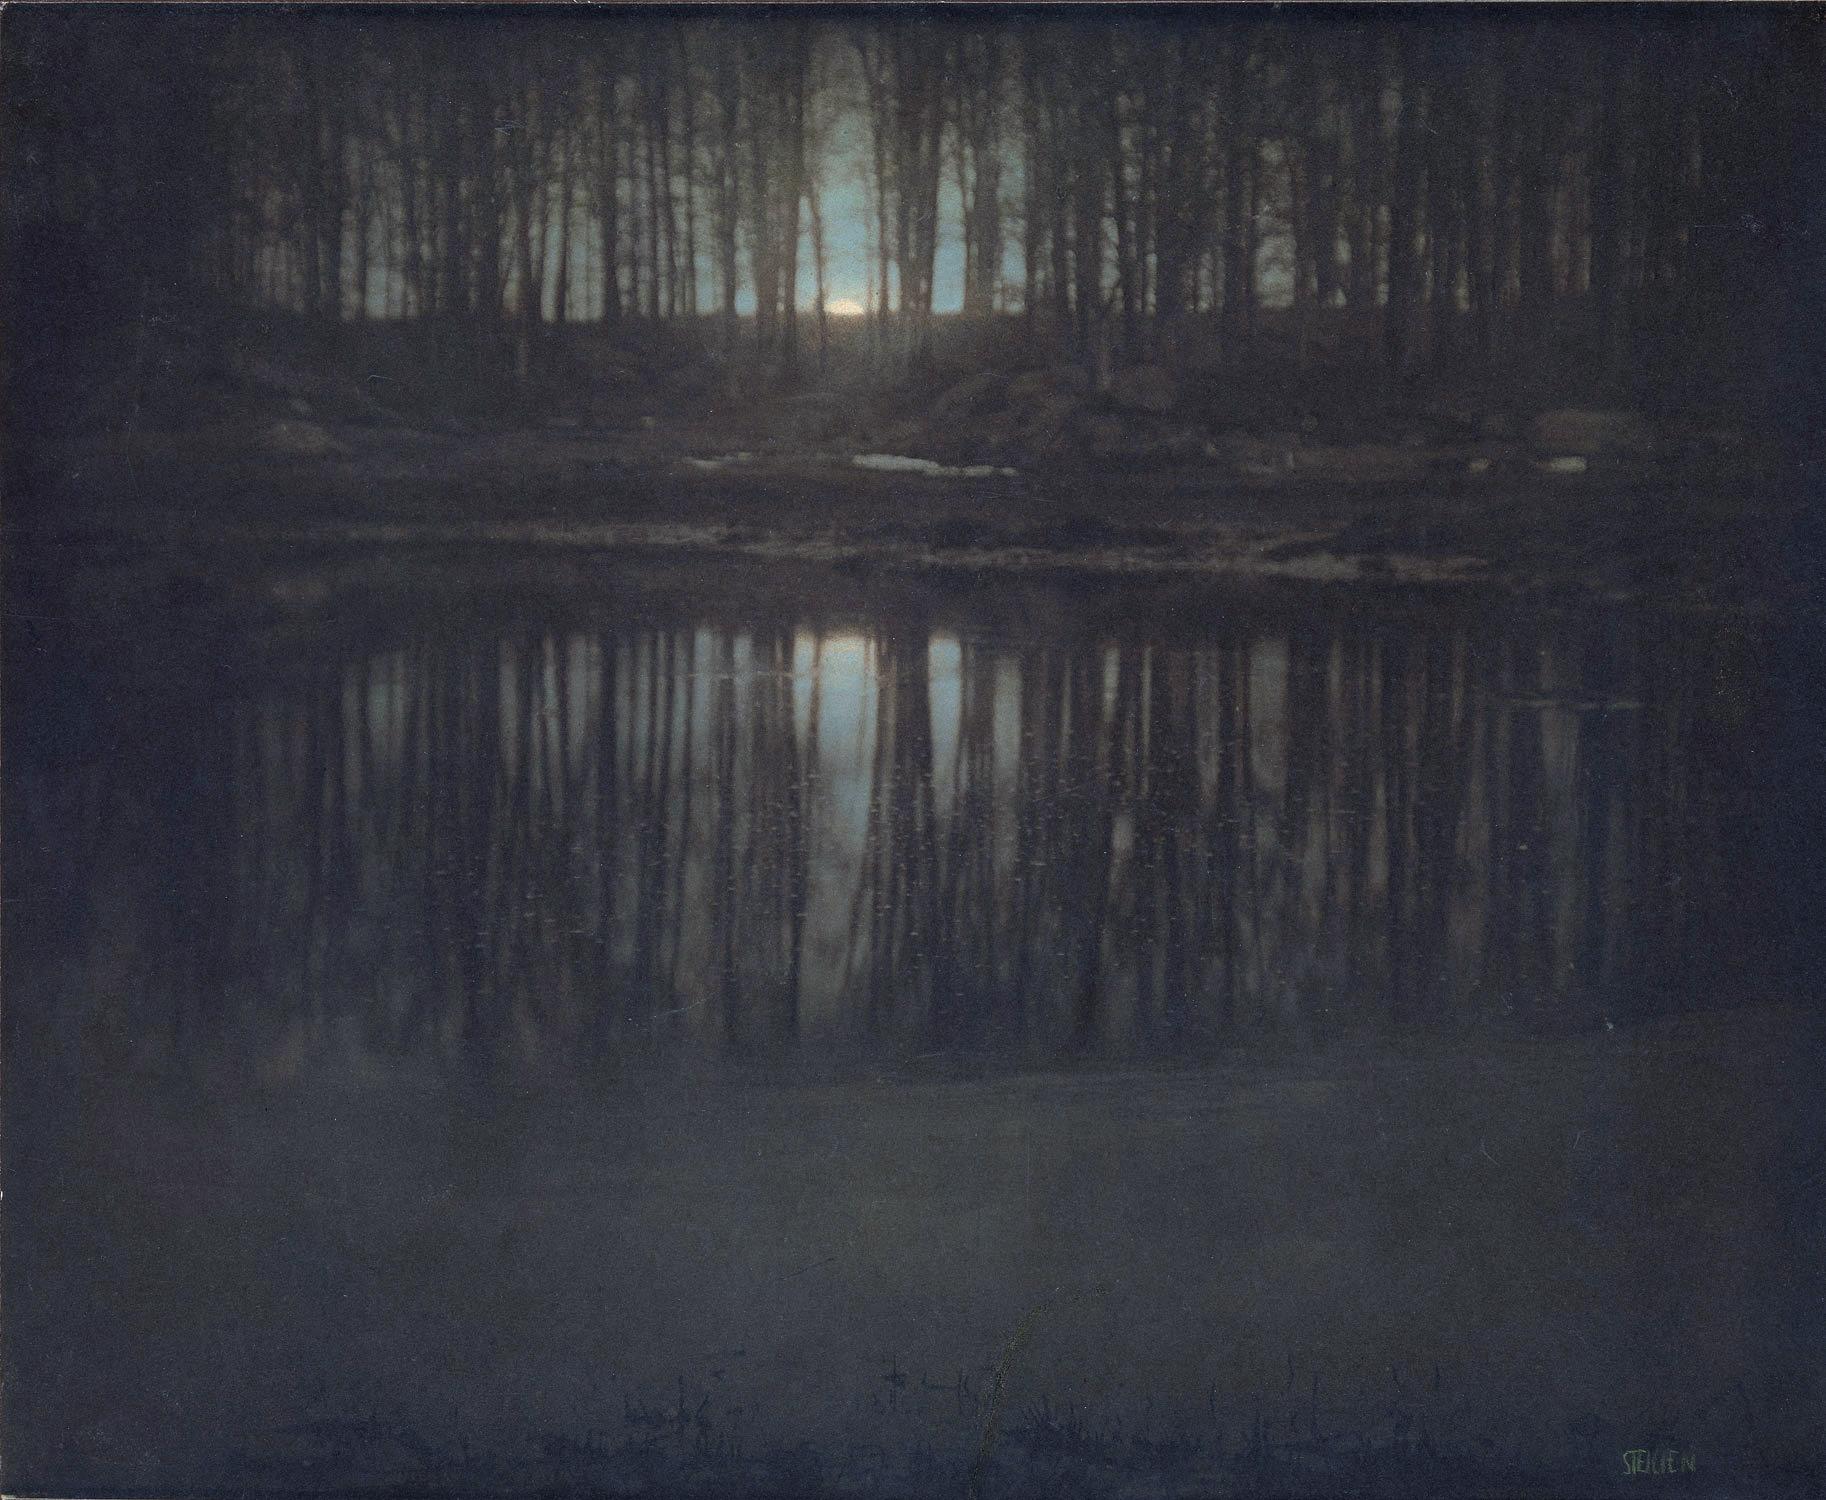 The Pond, Moonlight - Edward Steichen